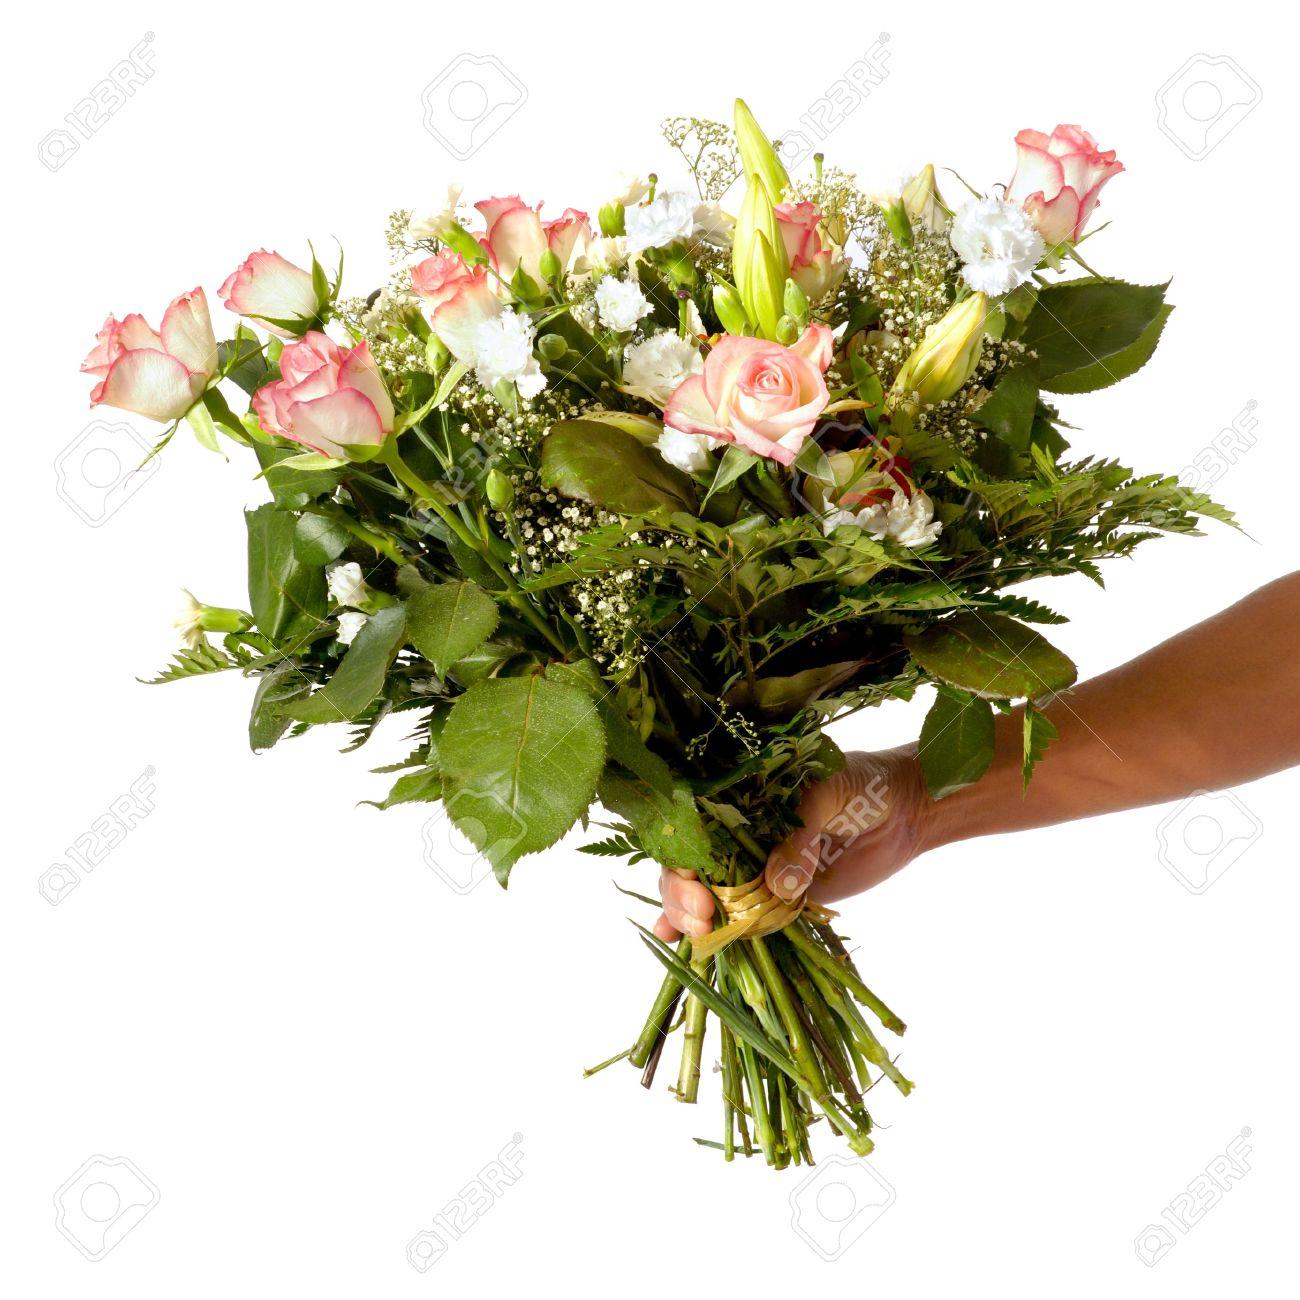 Un Coup De Main De Teinter Tient Un Bouquet De Fleurs Isolees Sur